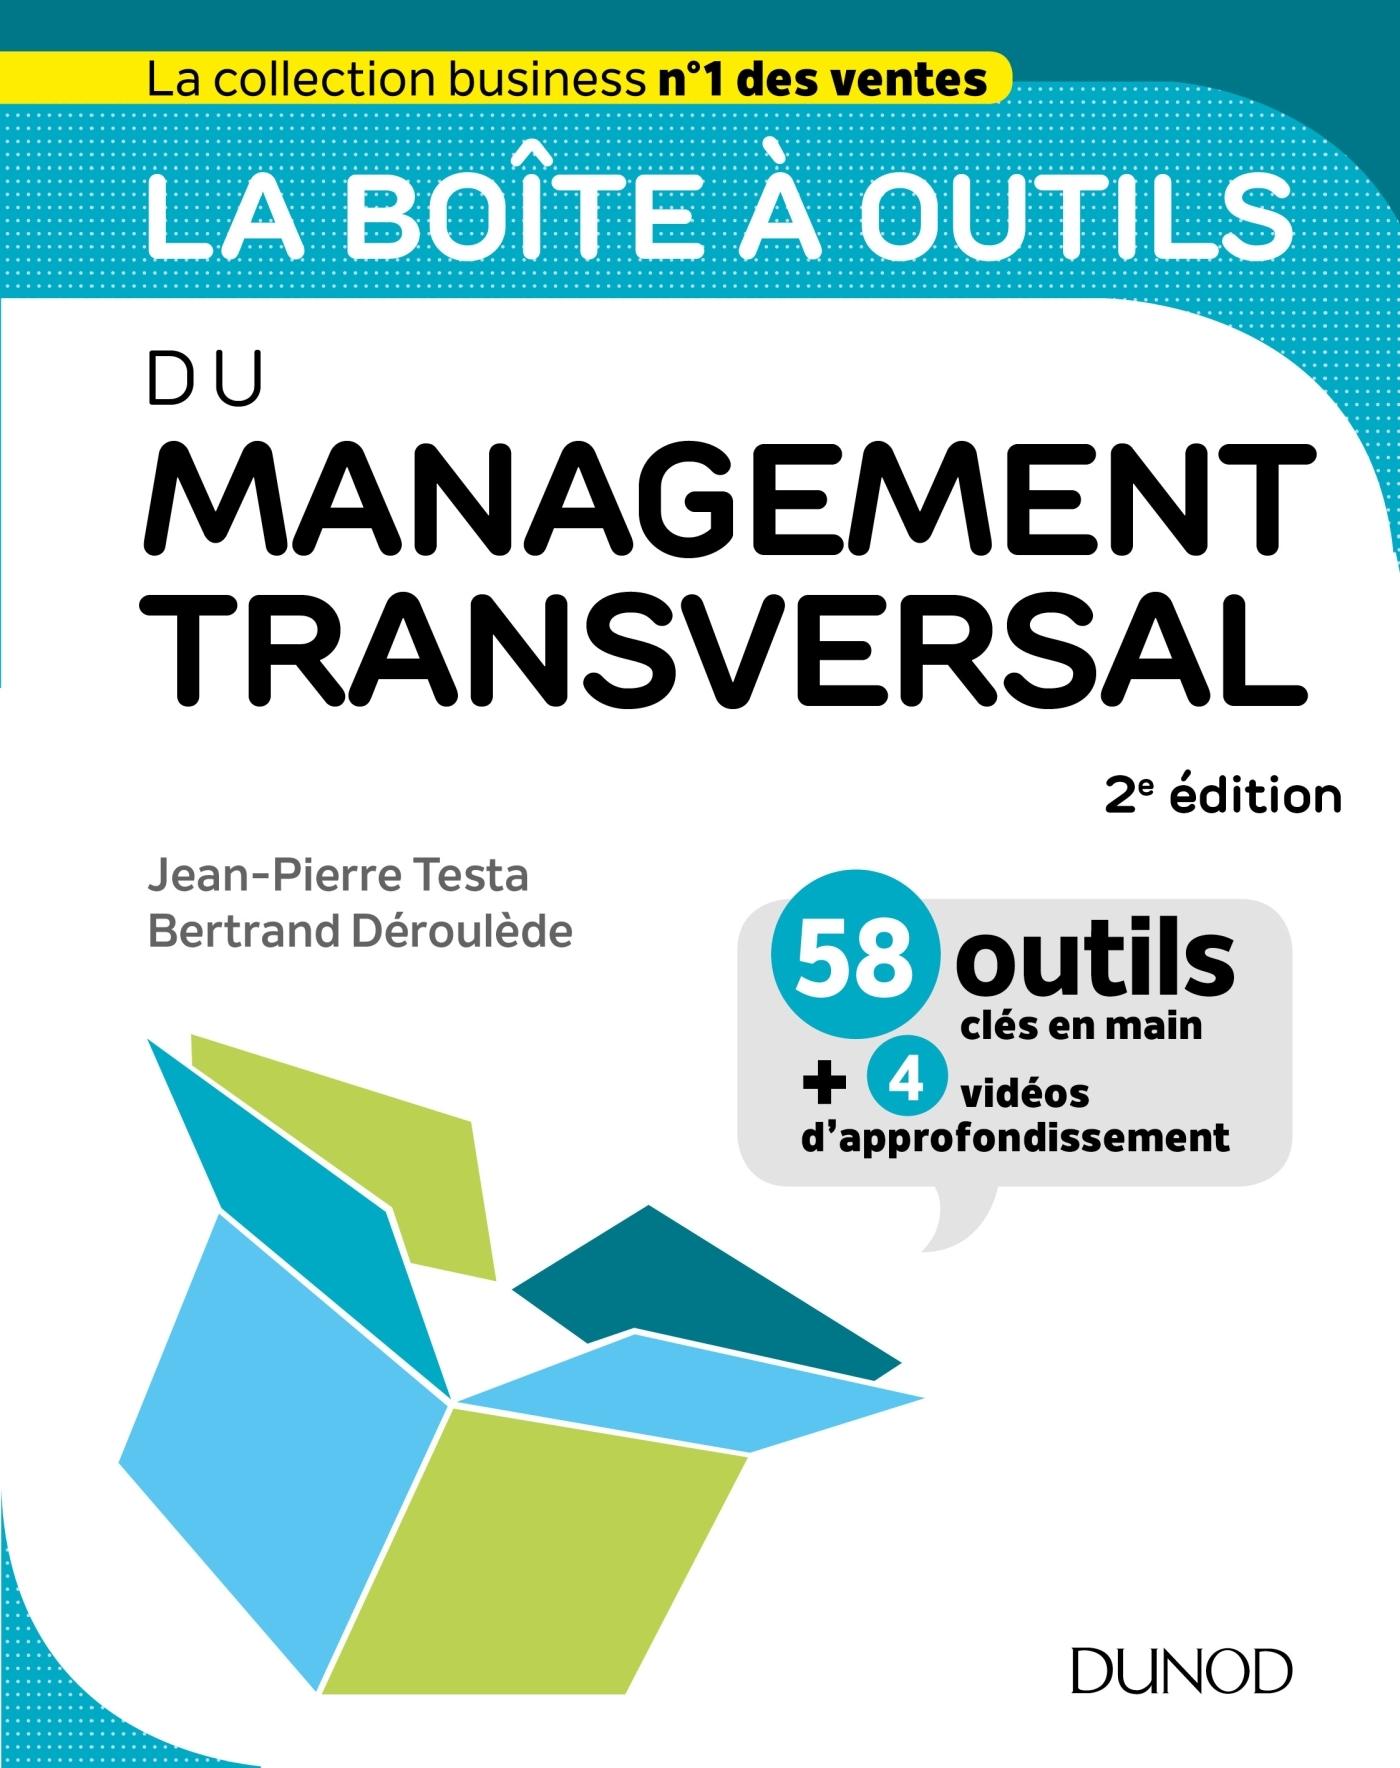 LA BOITE A OUTILS DU MANAGEMENT TRANSVERSAL - 2ED.